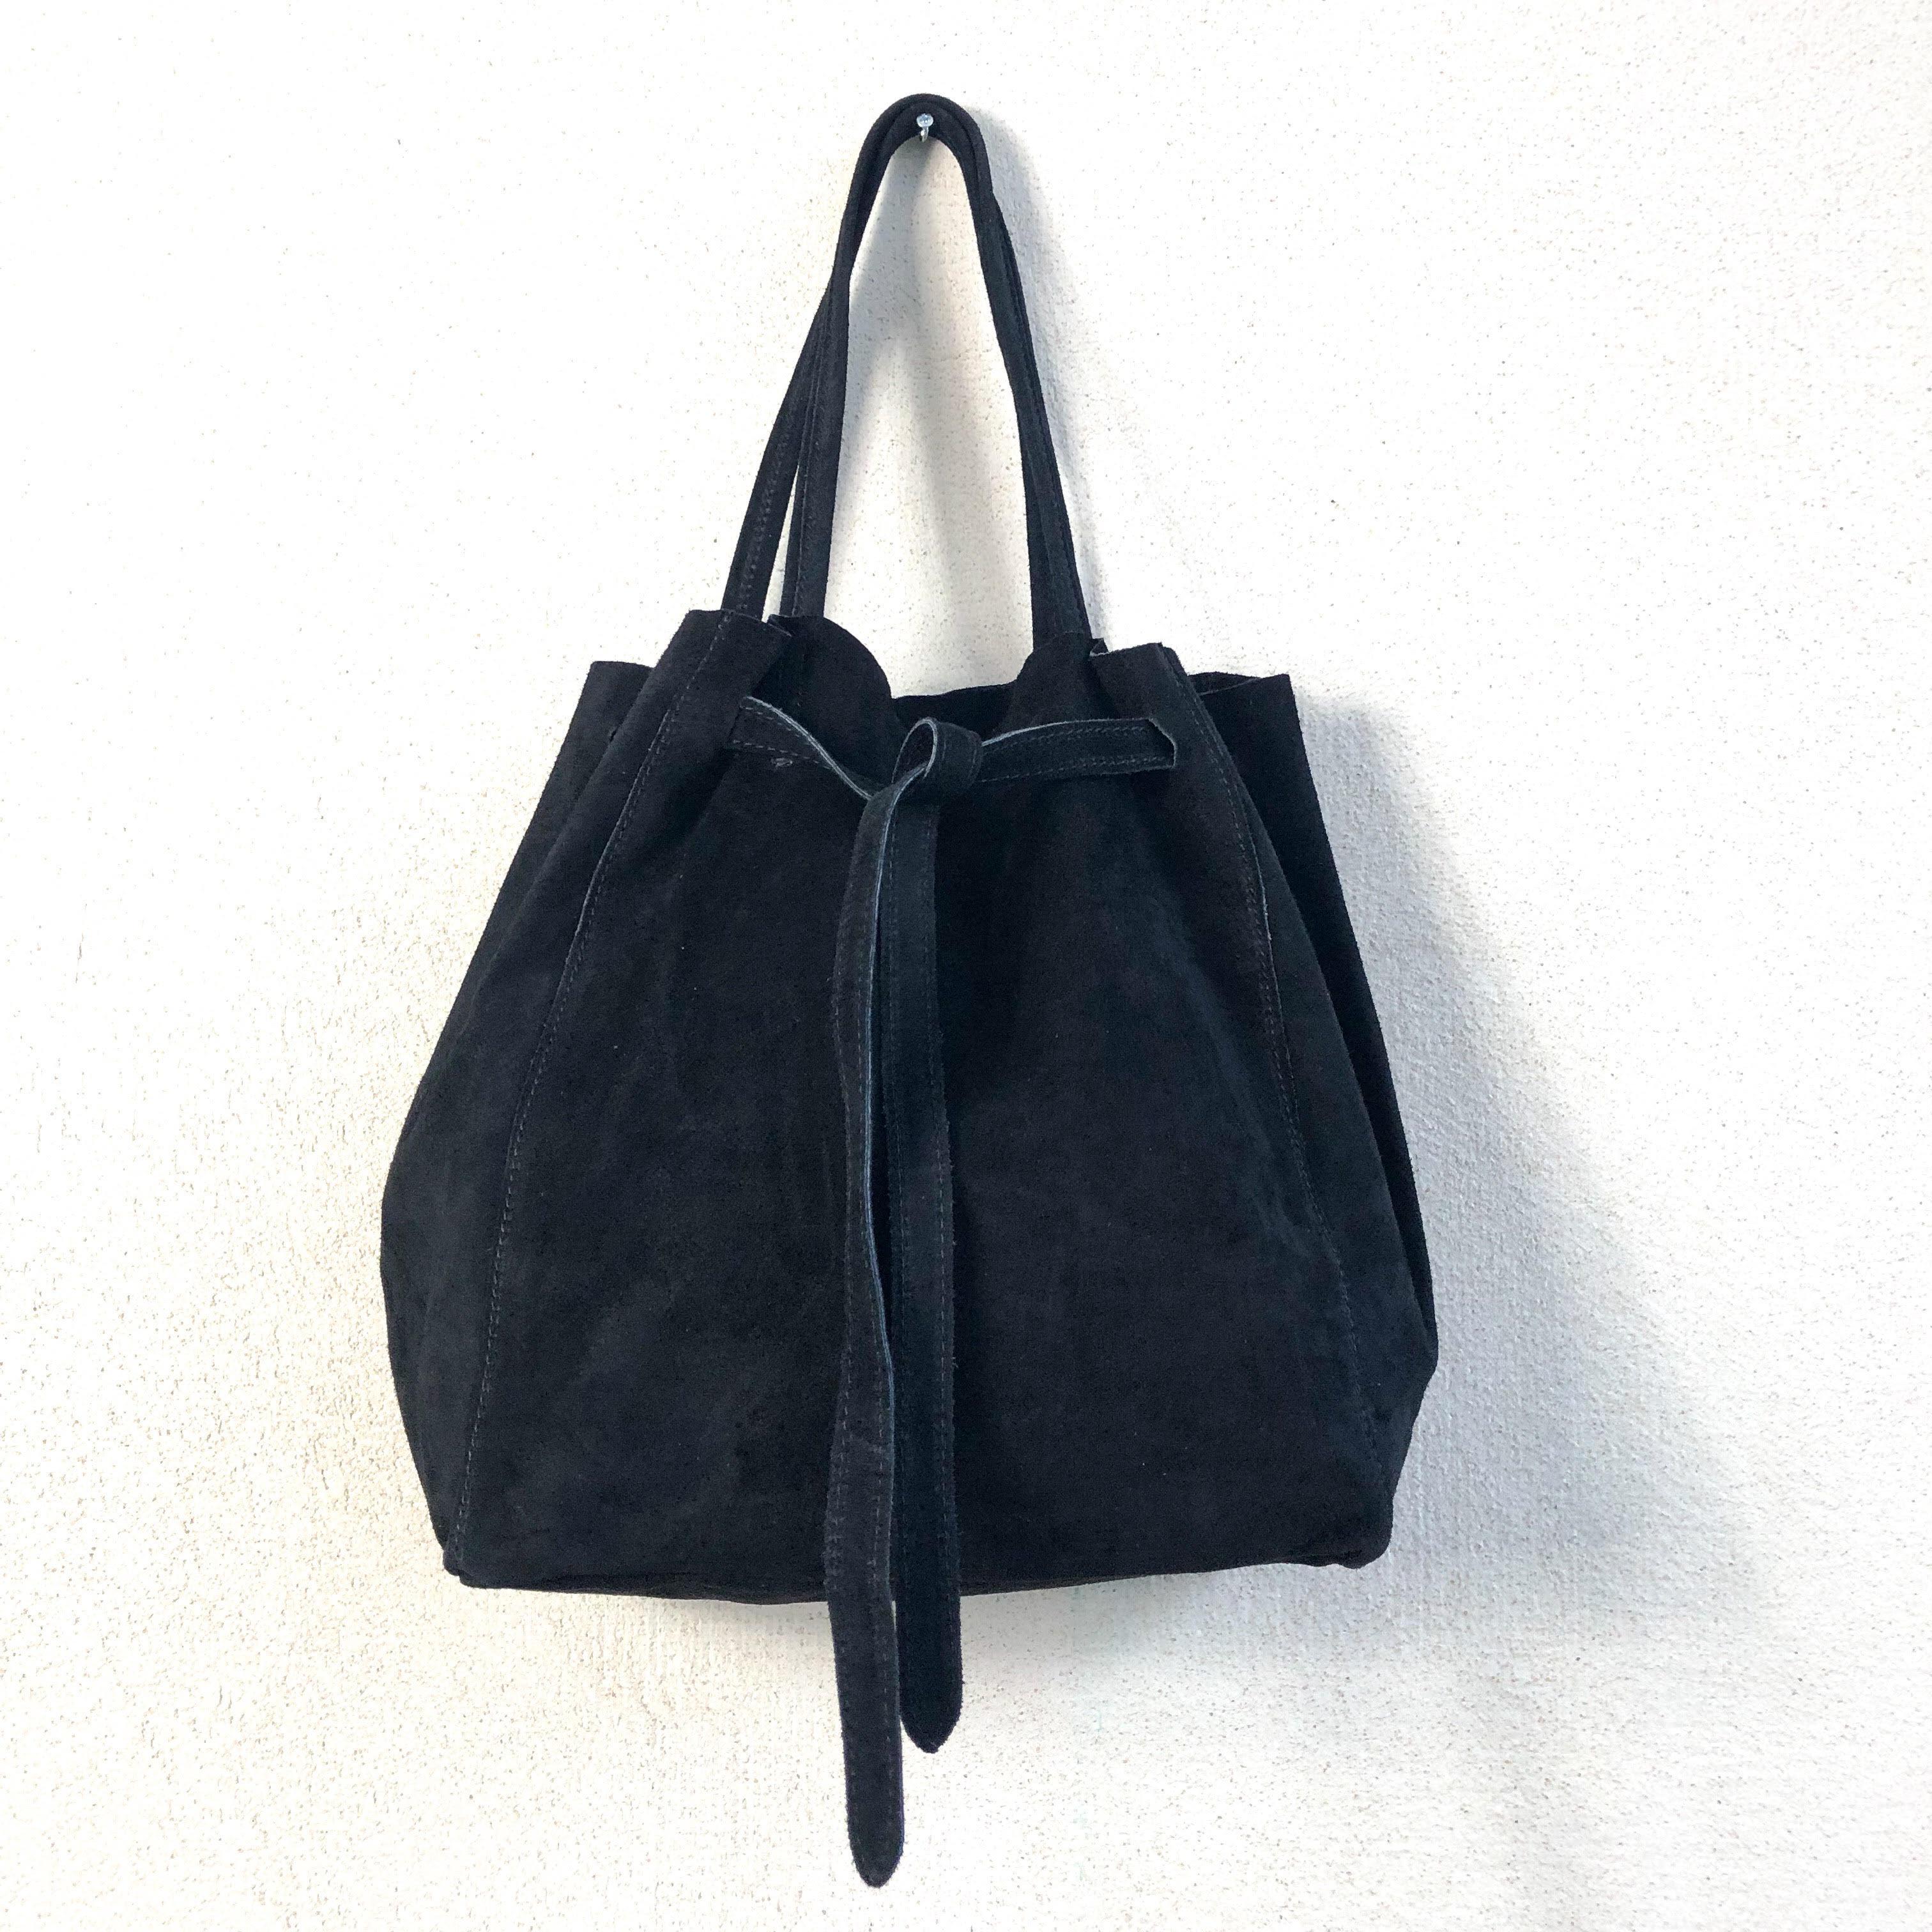 nouvelle collection ad2ea 96f84 Sac cabas daim noir